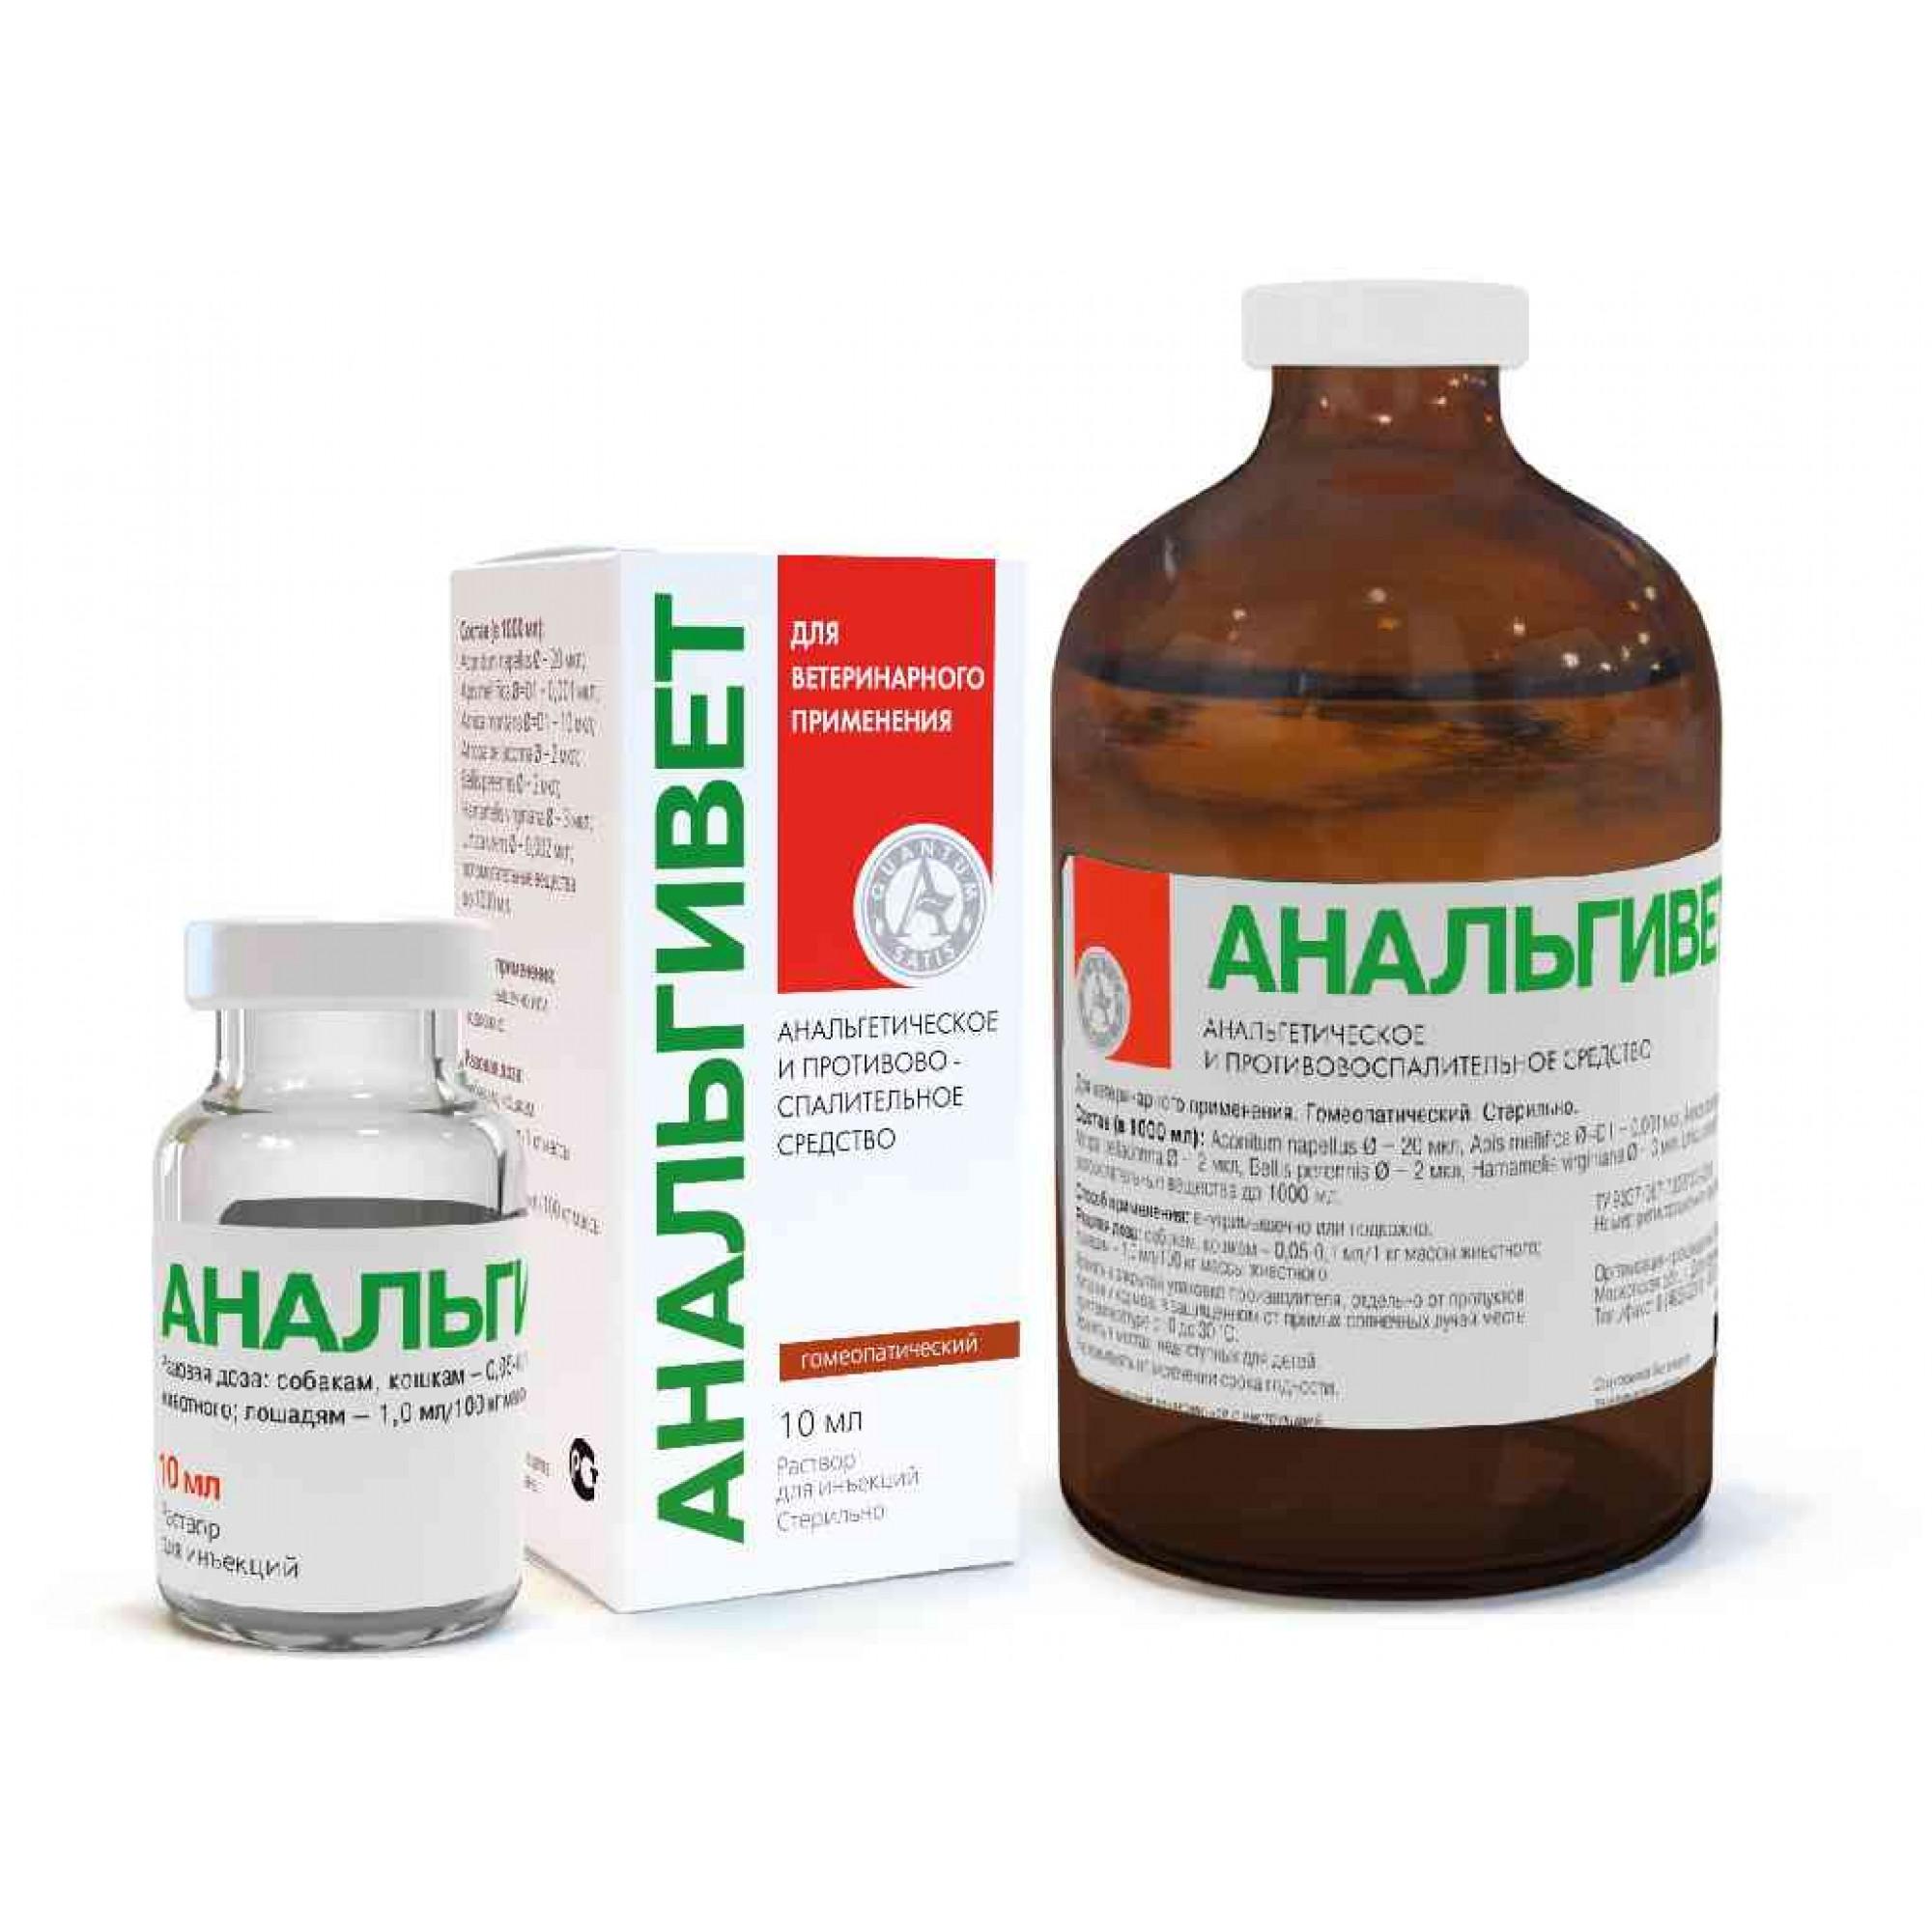 Анальгивет - обезболивающий и противовоспалительный препарат без побочного действия на жкт